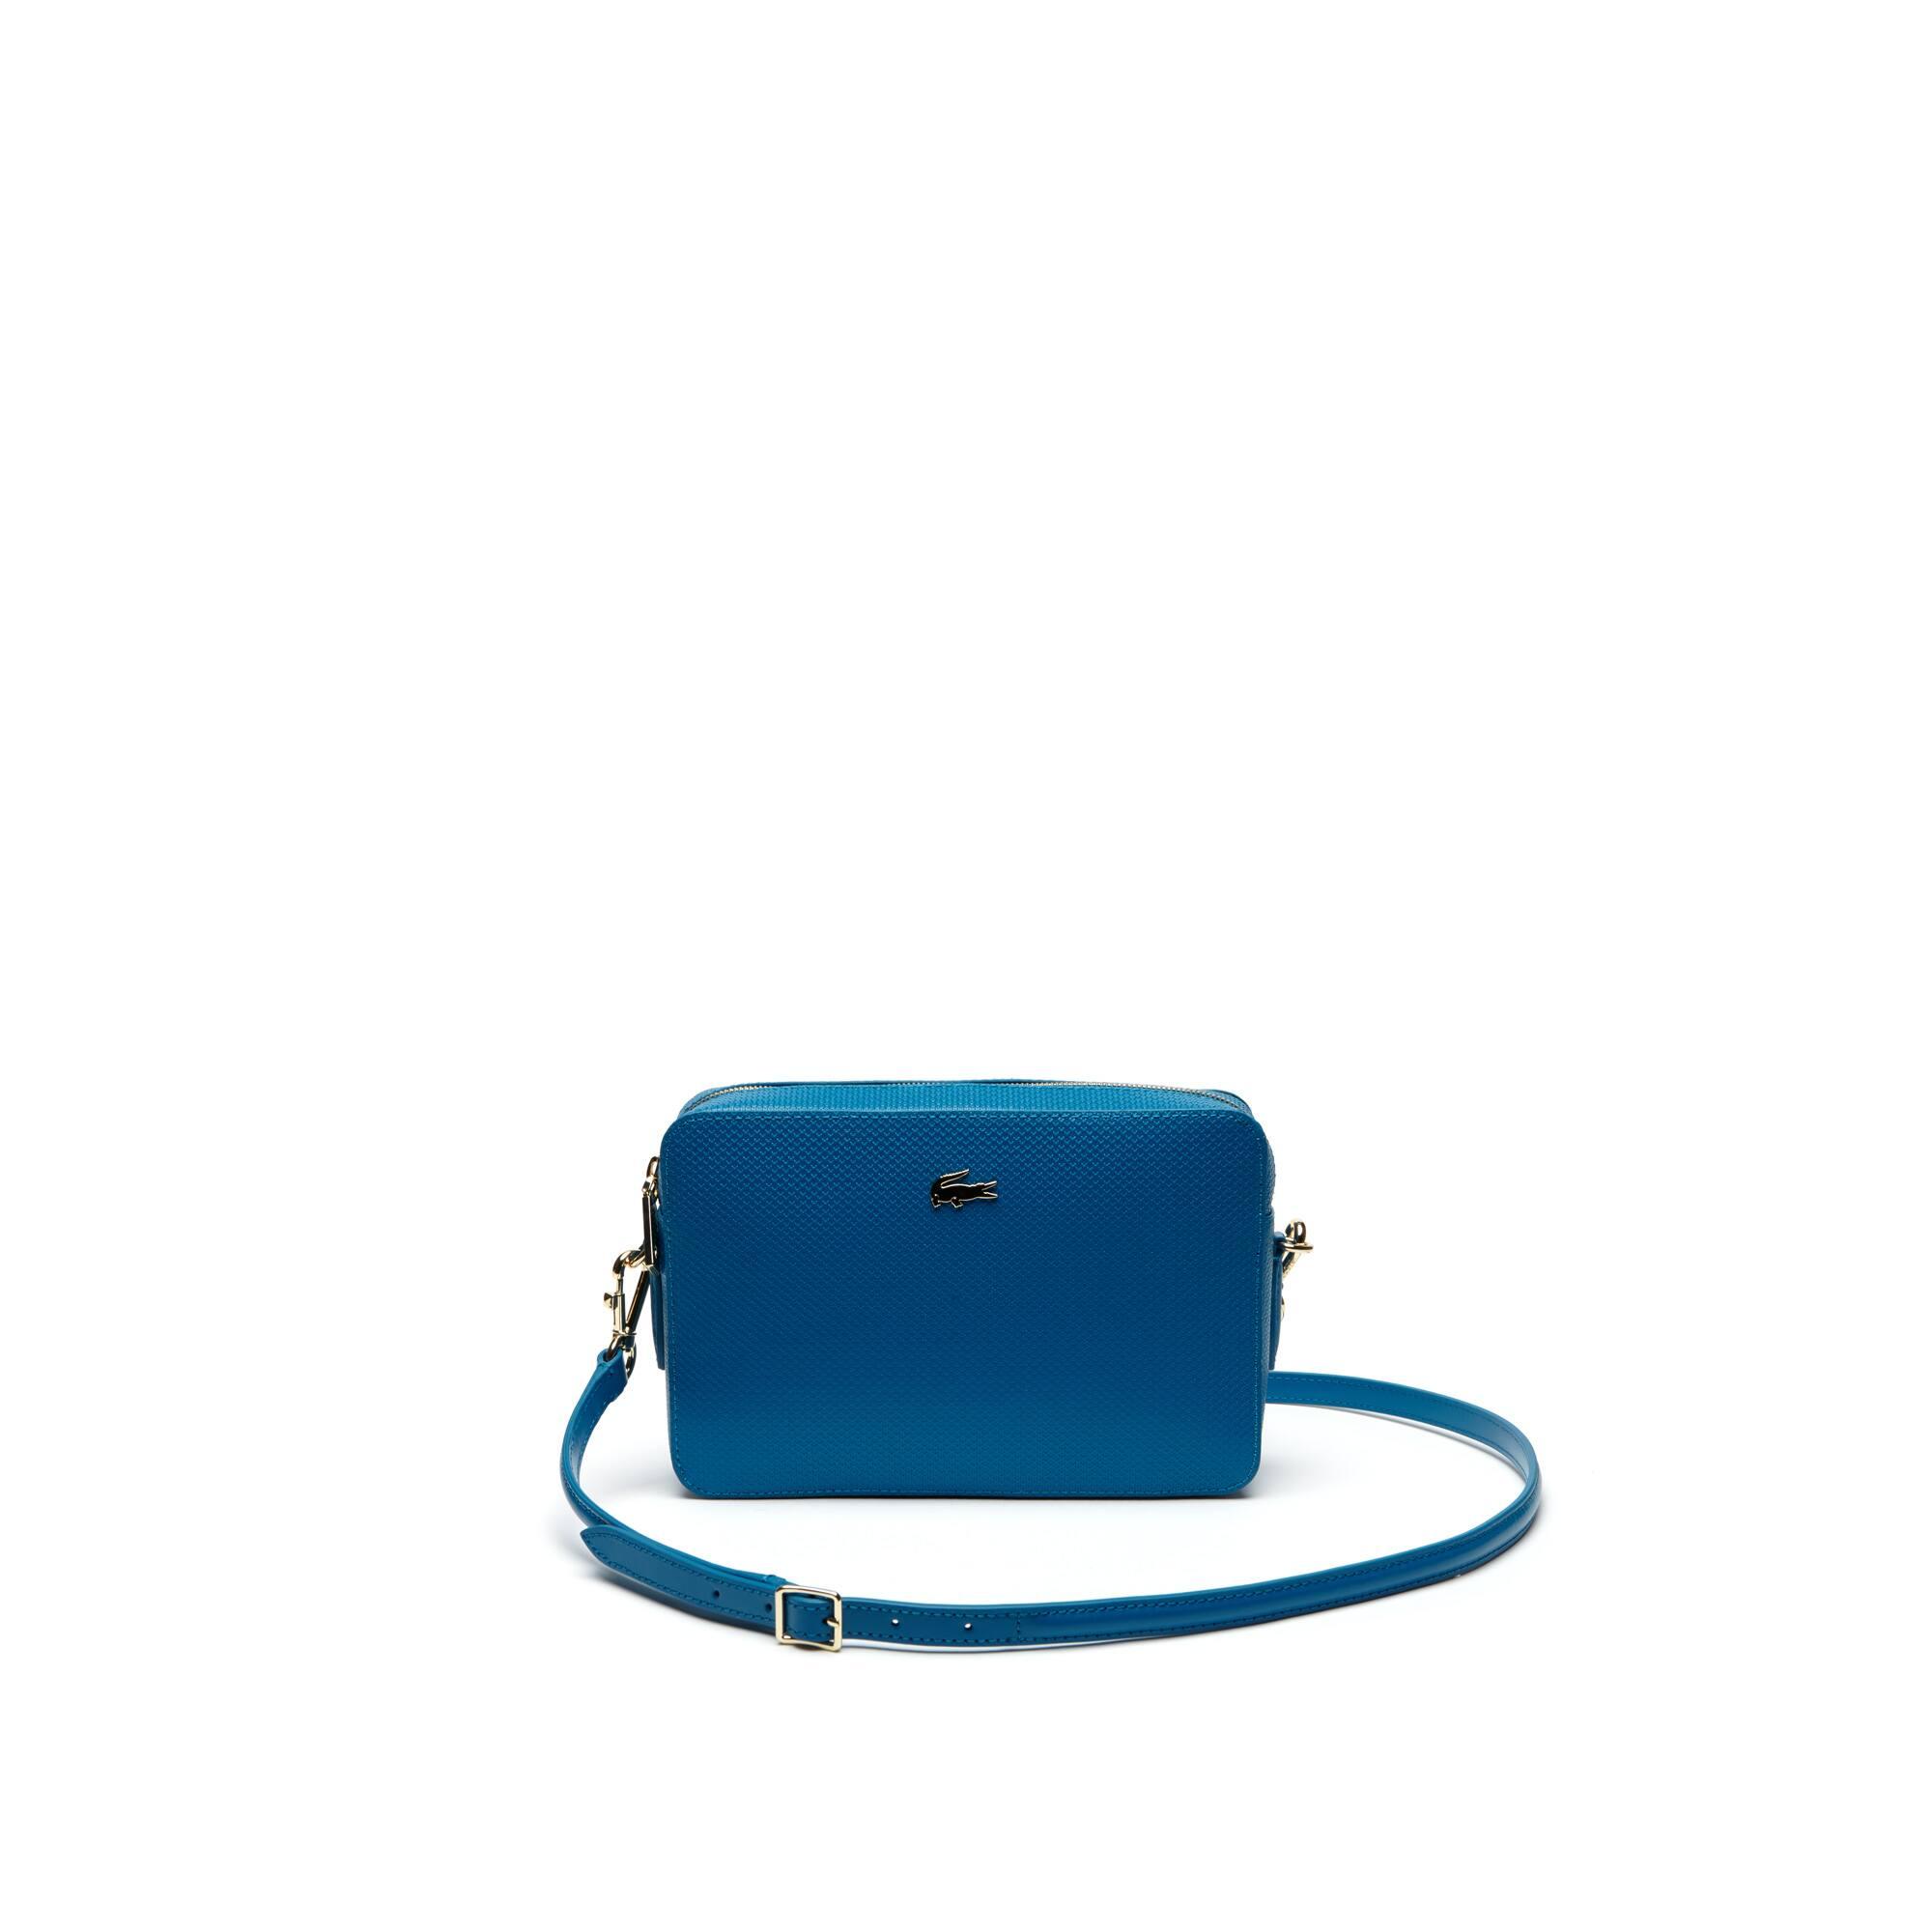 Bolso cruzado cuadrado de mujer de piel con trama de tejido de polo piqué de la colección Chantaco